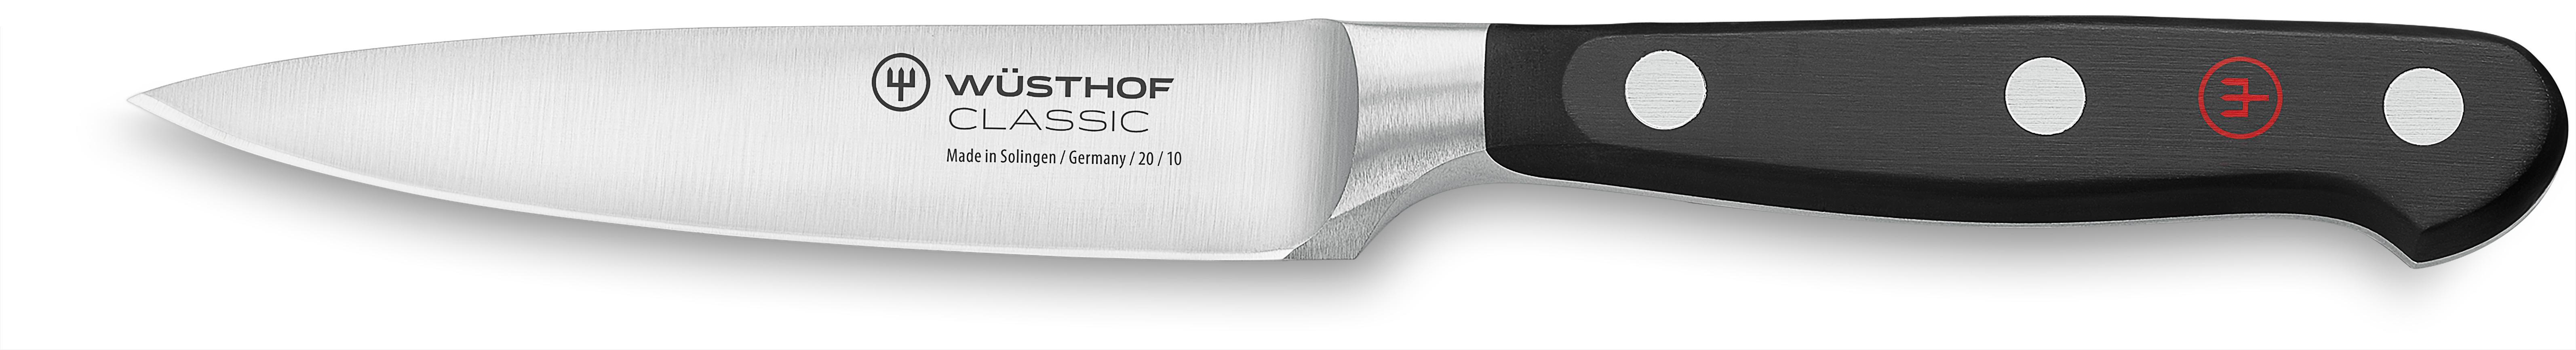 Gemüsemesser / Paring knife